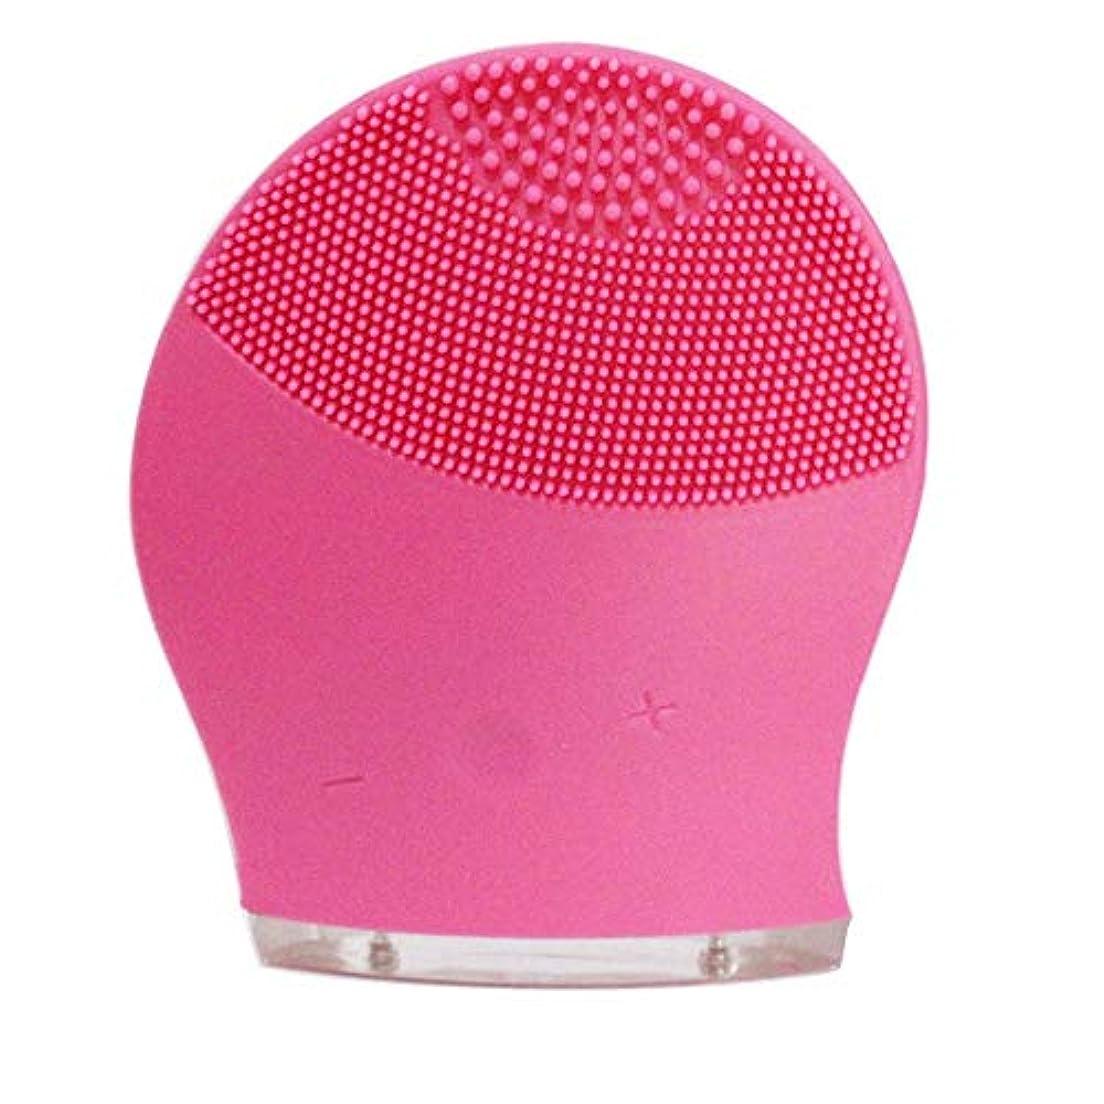 落胆した元に戻すバターZXF 新電気洗浄器シリコーン洗浄器超音波振動洗浄ブラシUSB充電毛穴洗浄 滑らかである (色 : Red)